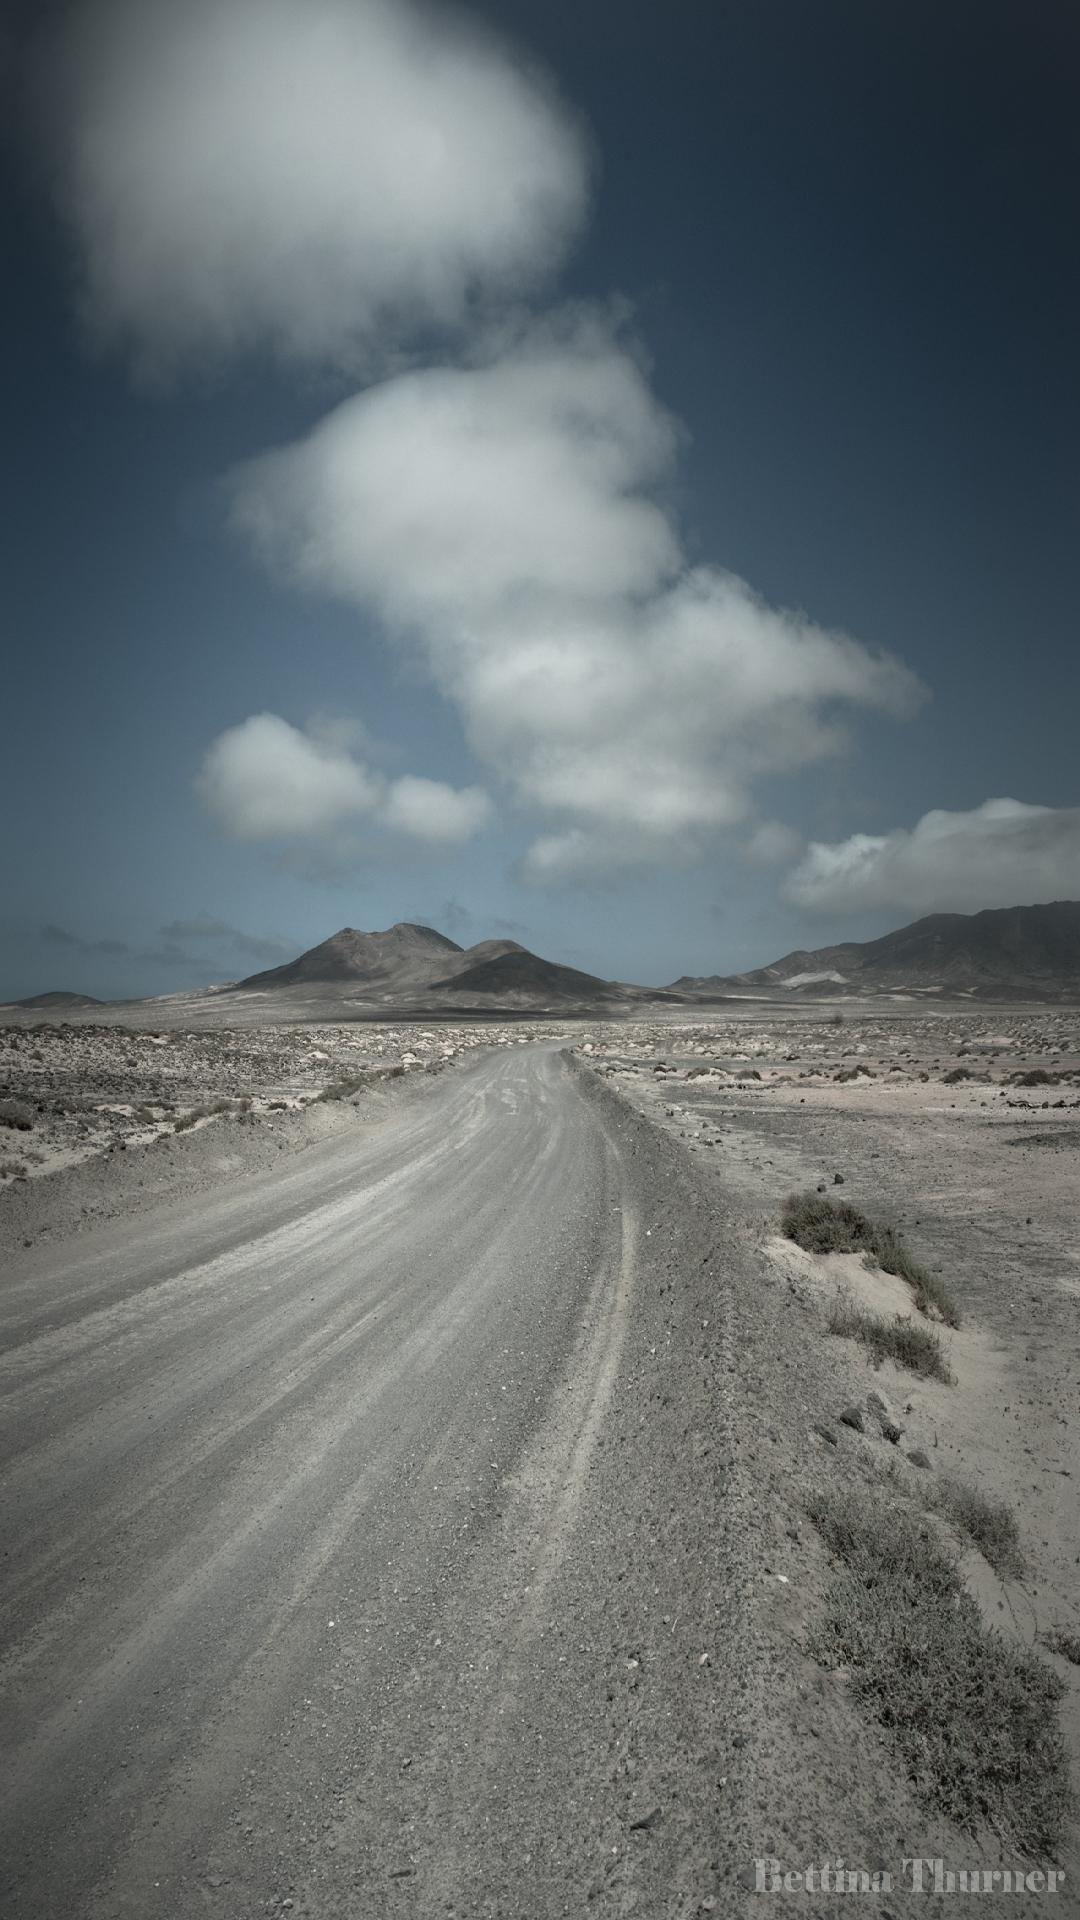 Lichtwert-BestOf_BettinaThurner.Fuerteventura2-1.jpg